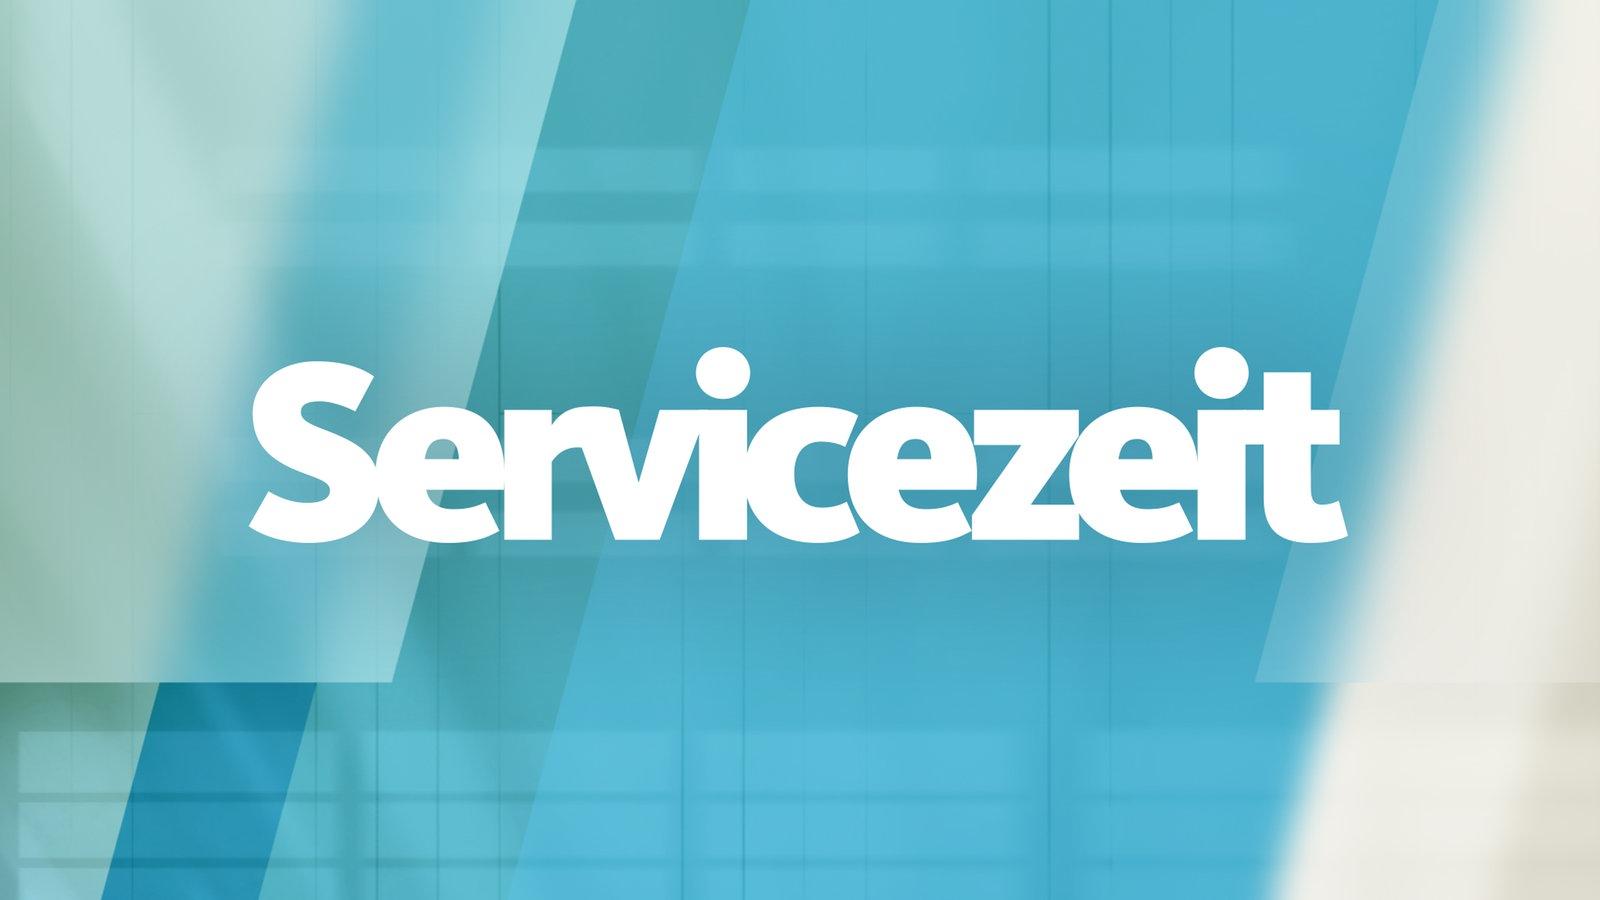 Servicezeit Wdr